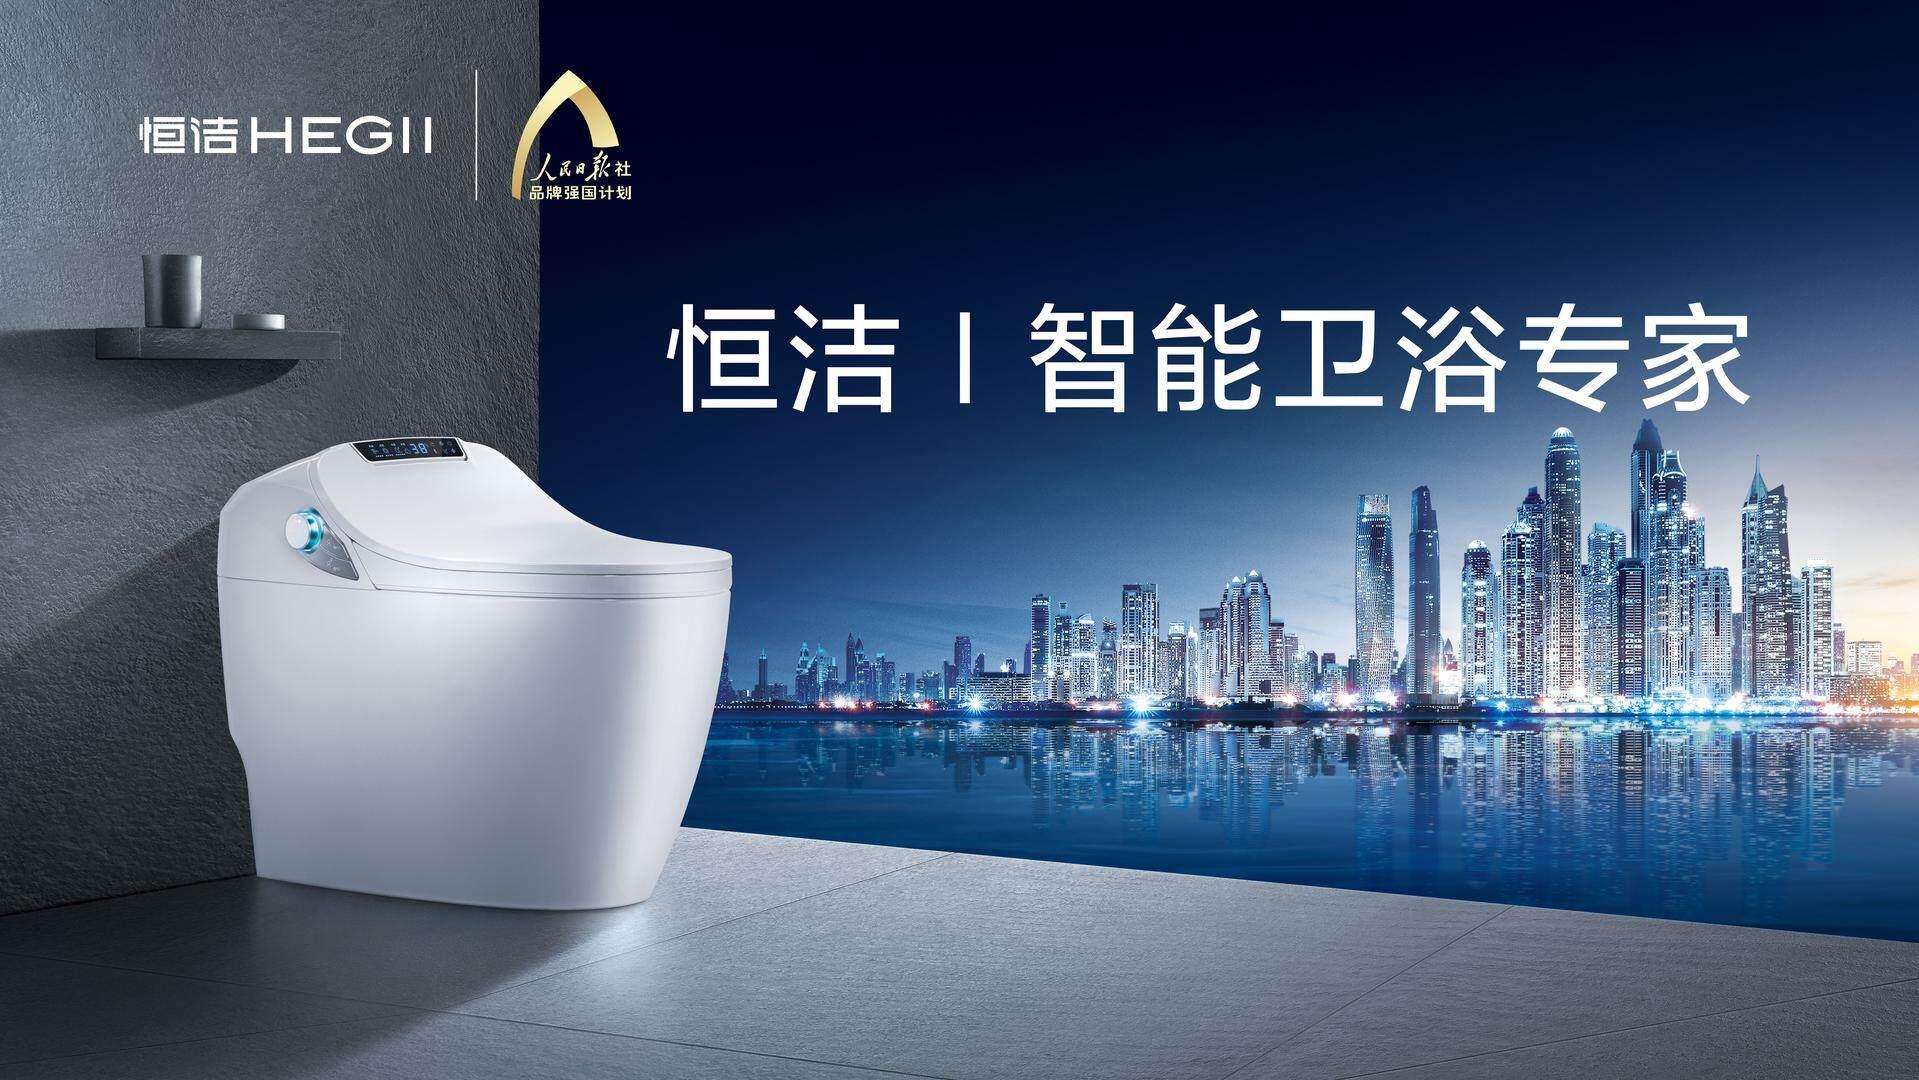 打造中国智造高端卫浴新标杆 恒洁卫浴打开智领新净界